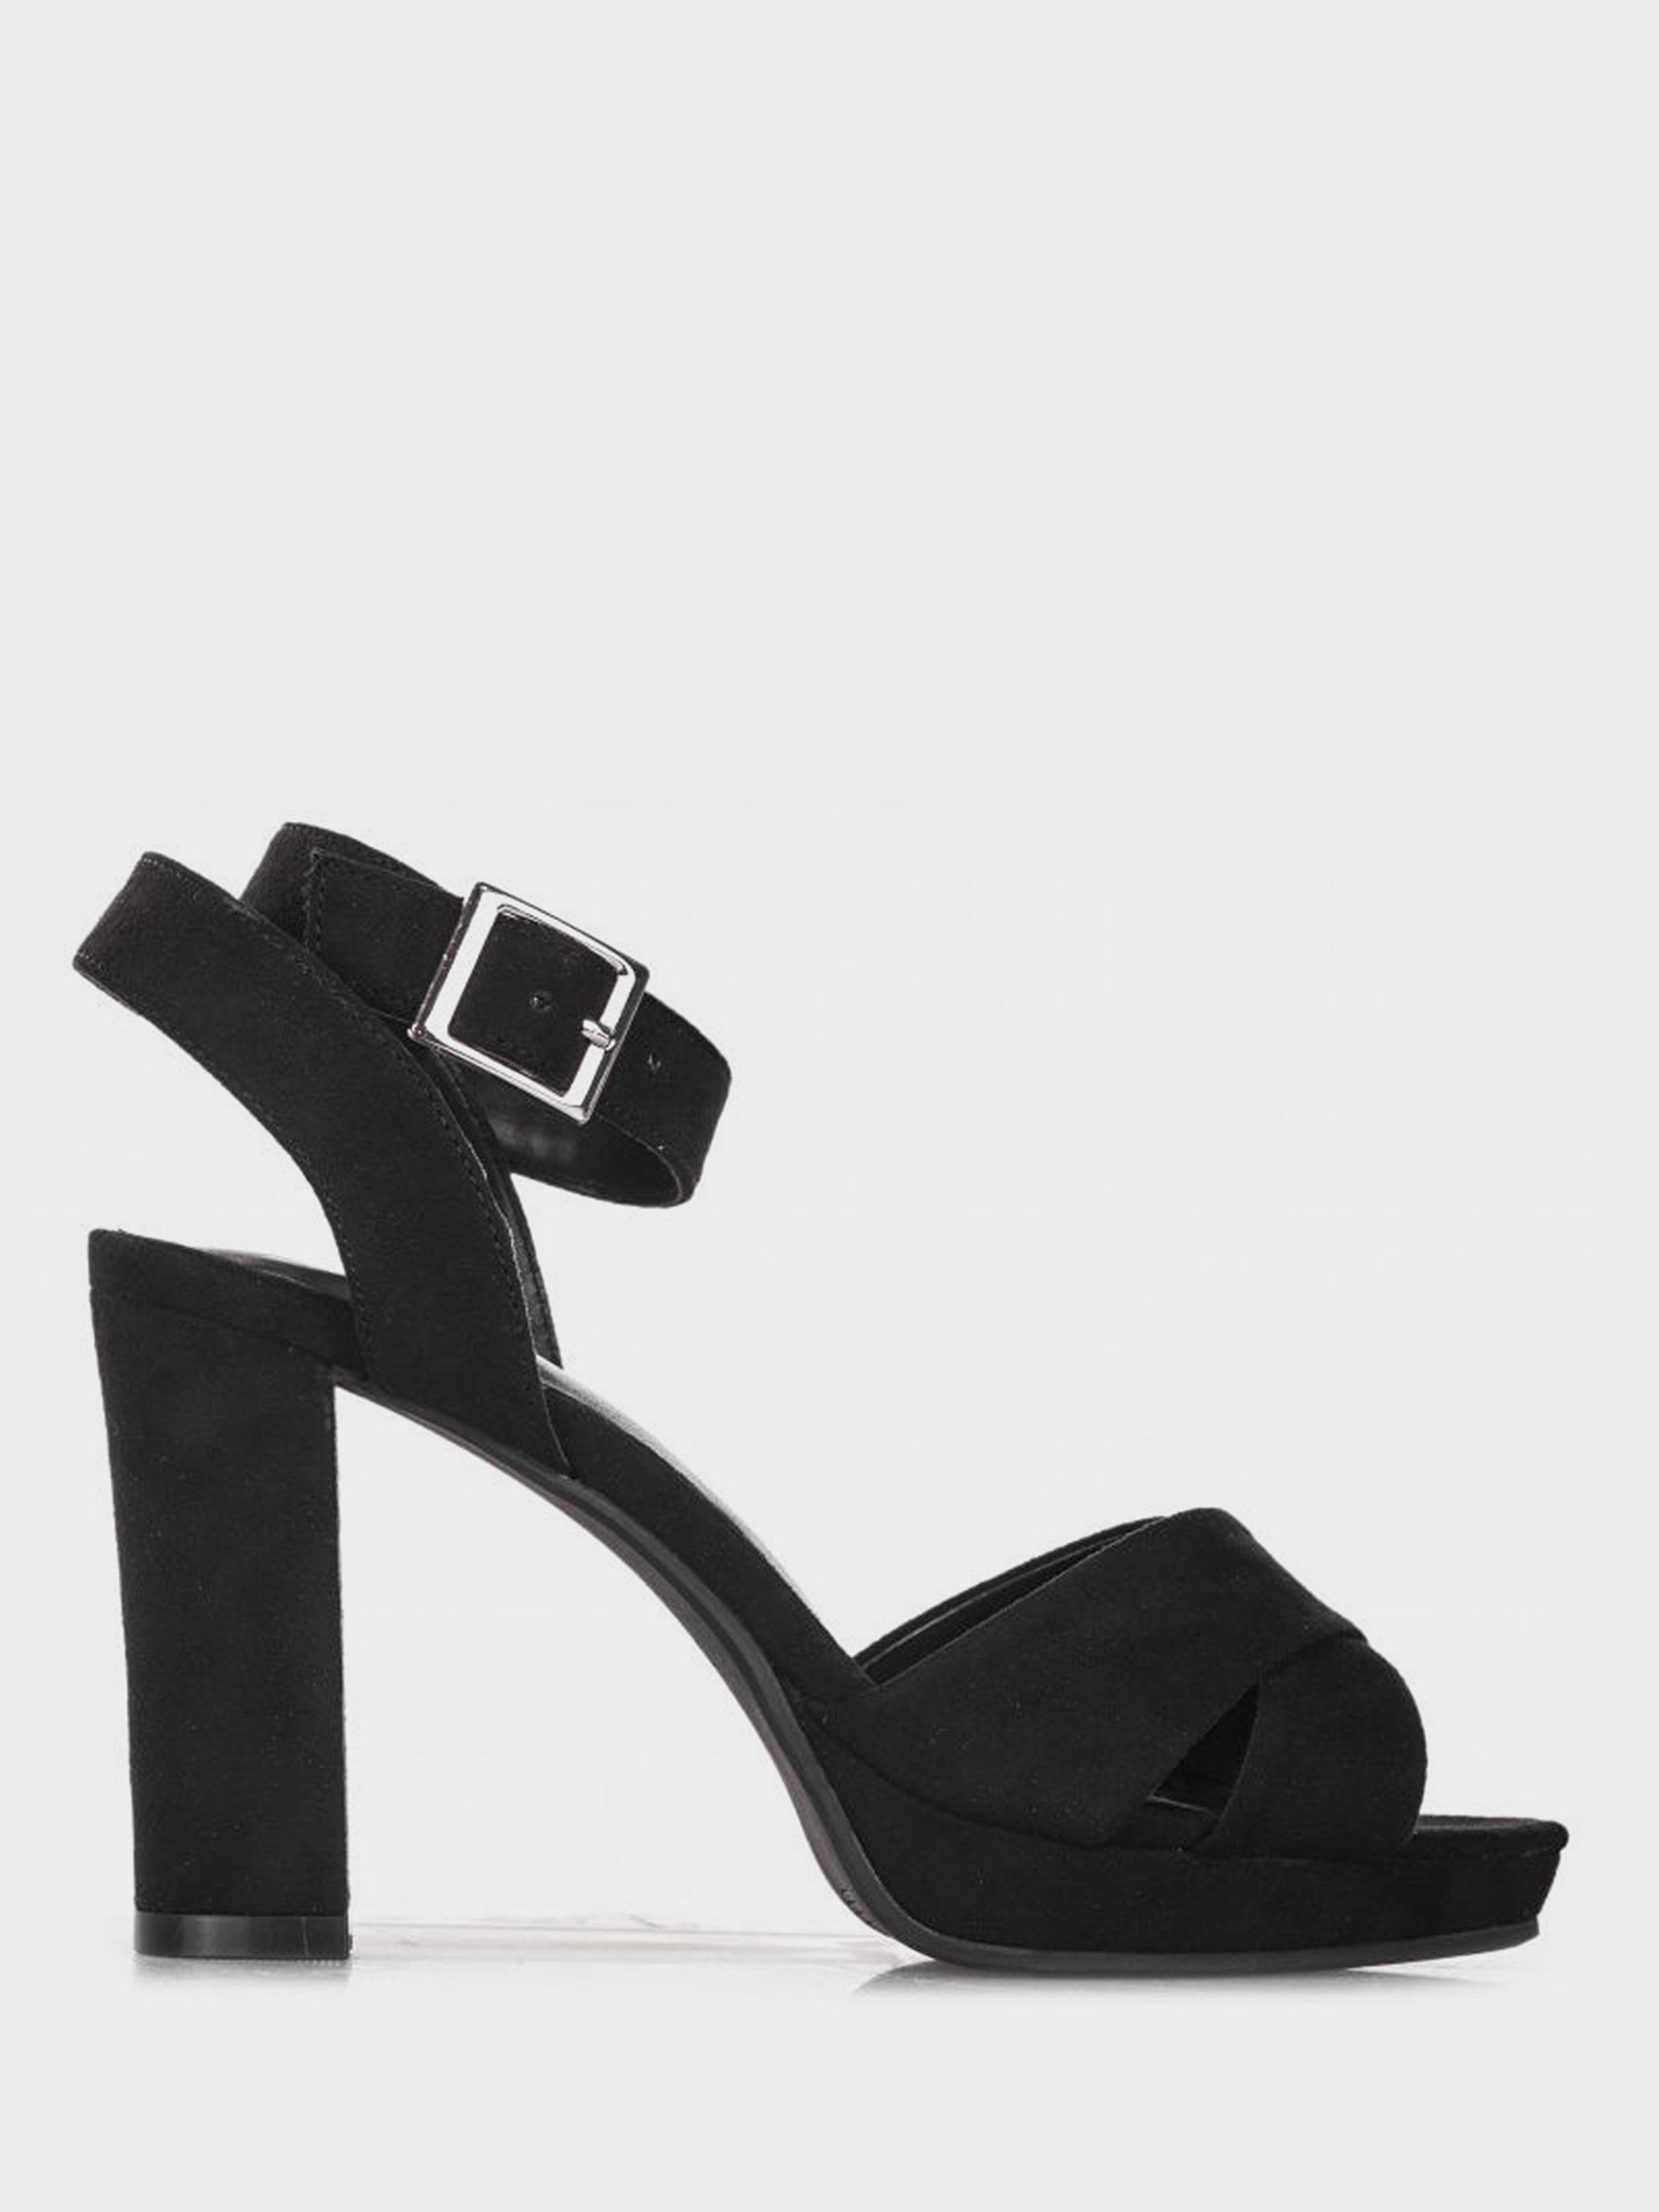 Босоножки для женщин M Wone OI130 размерная сетка обуви, 2017